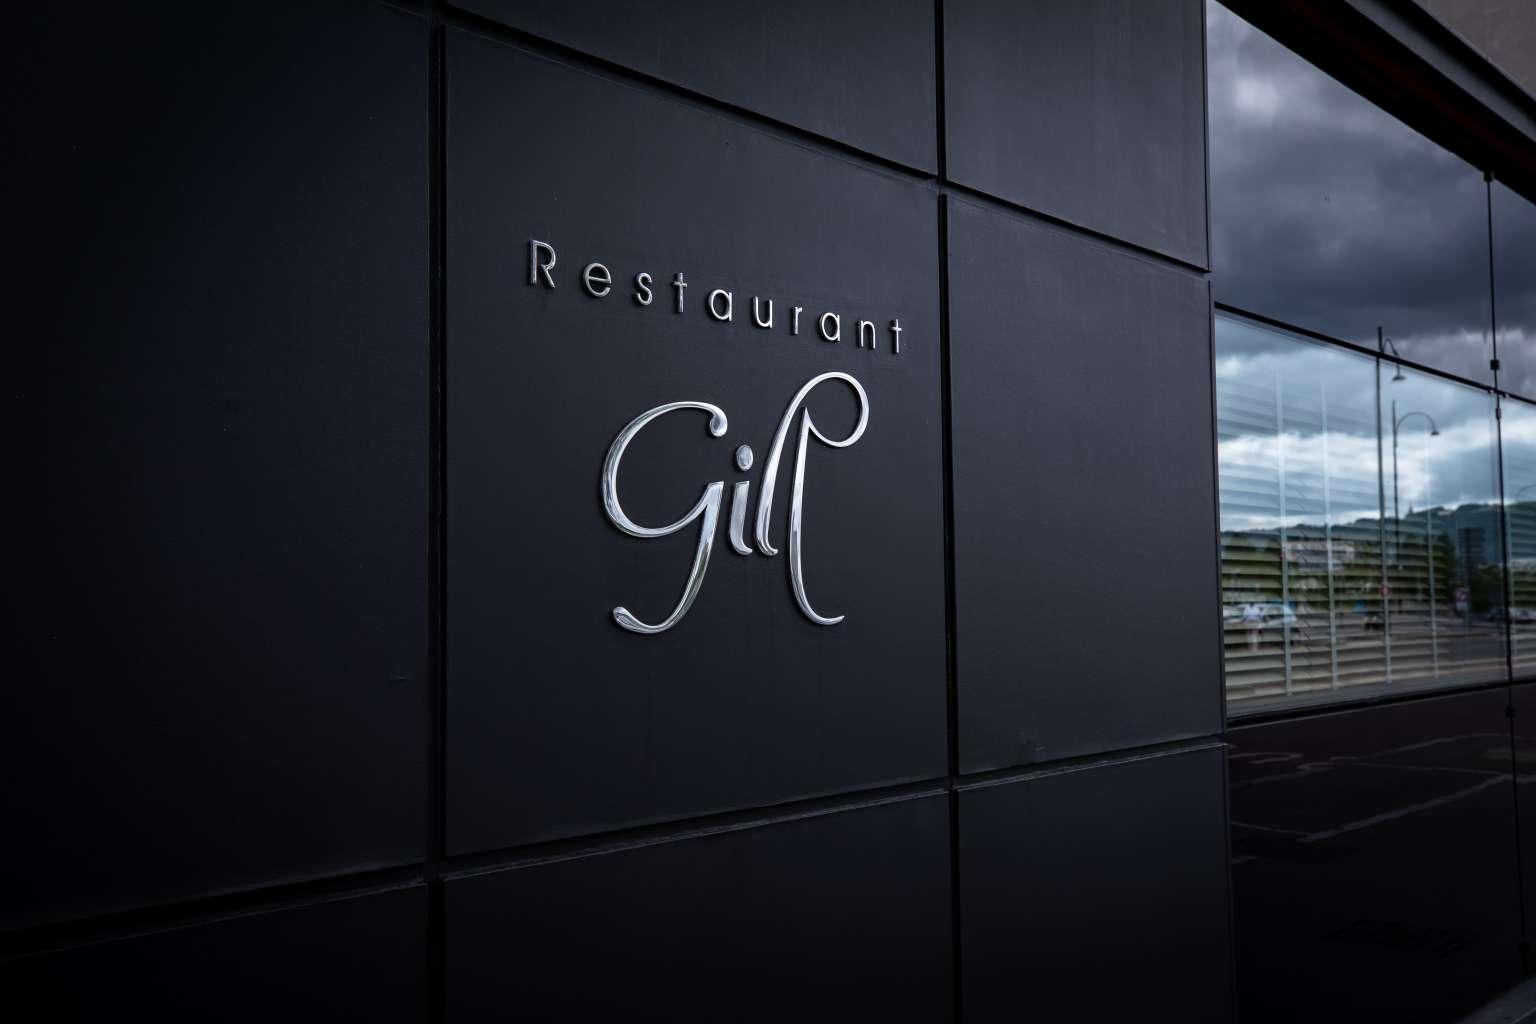 Logo du restaurant gill sur la façade